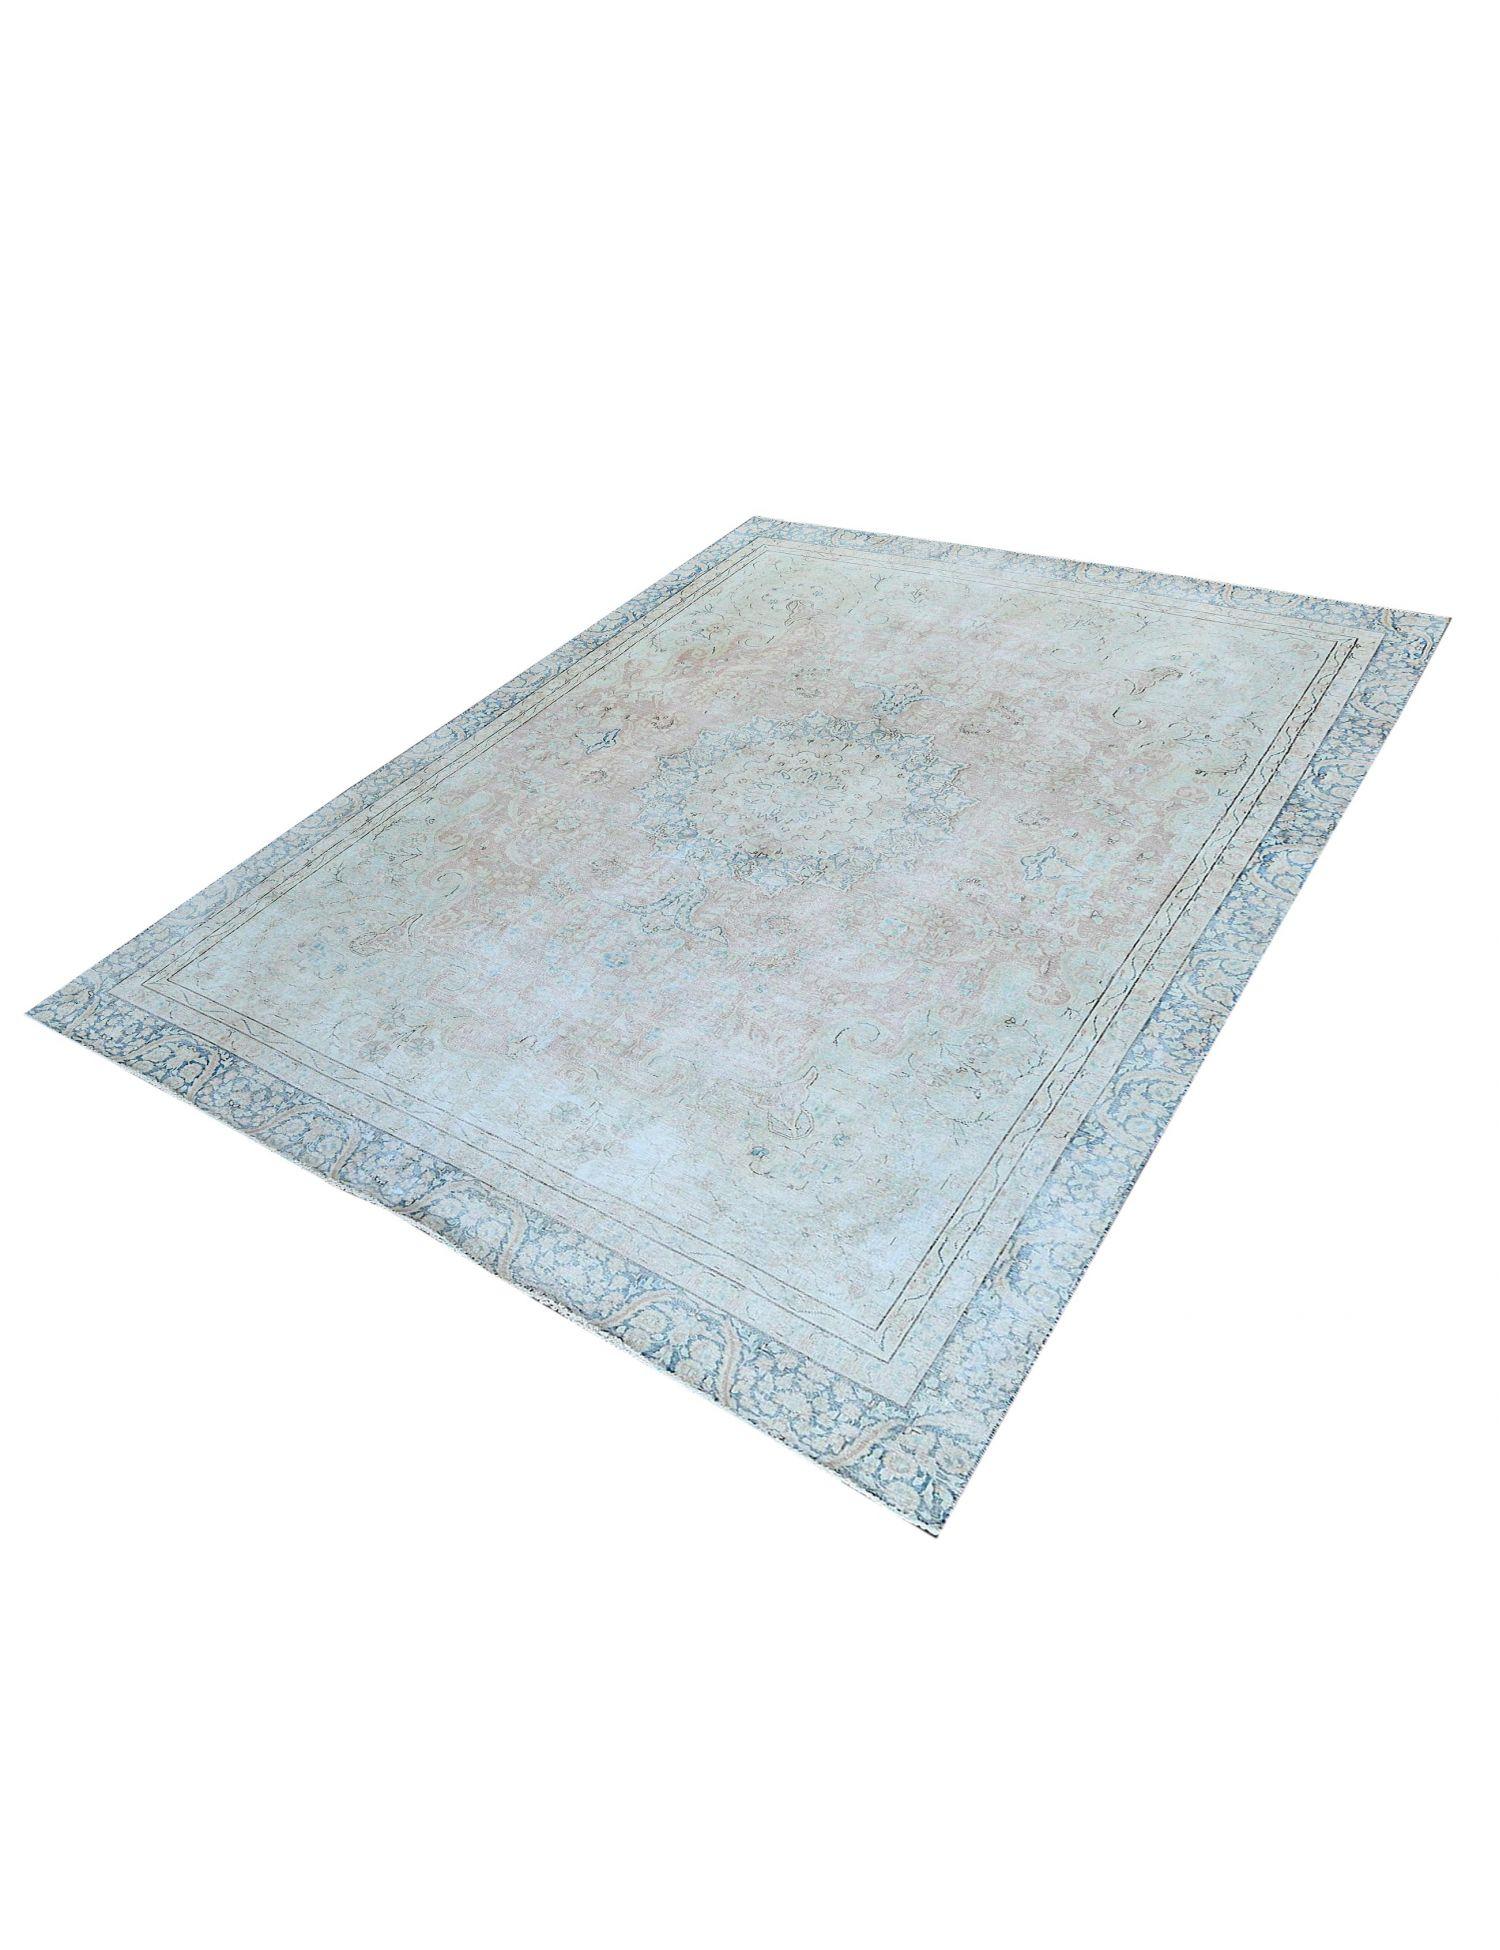 Stonewash  beige <br/>369 x 256 cm